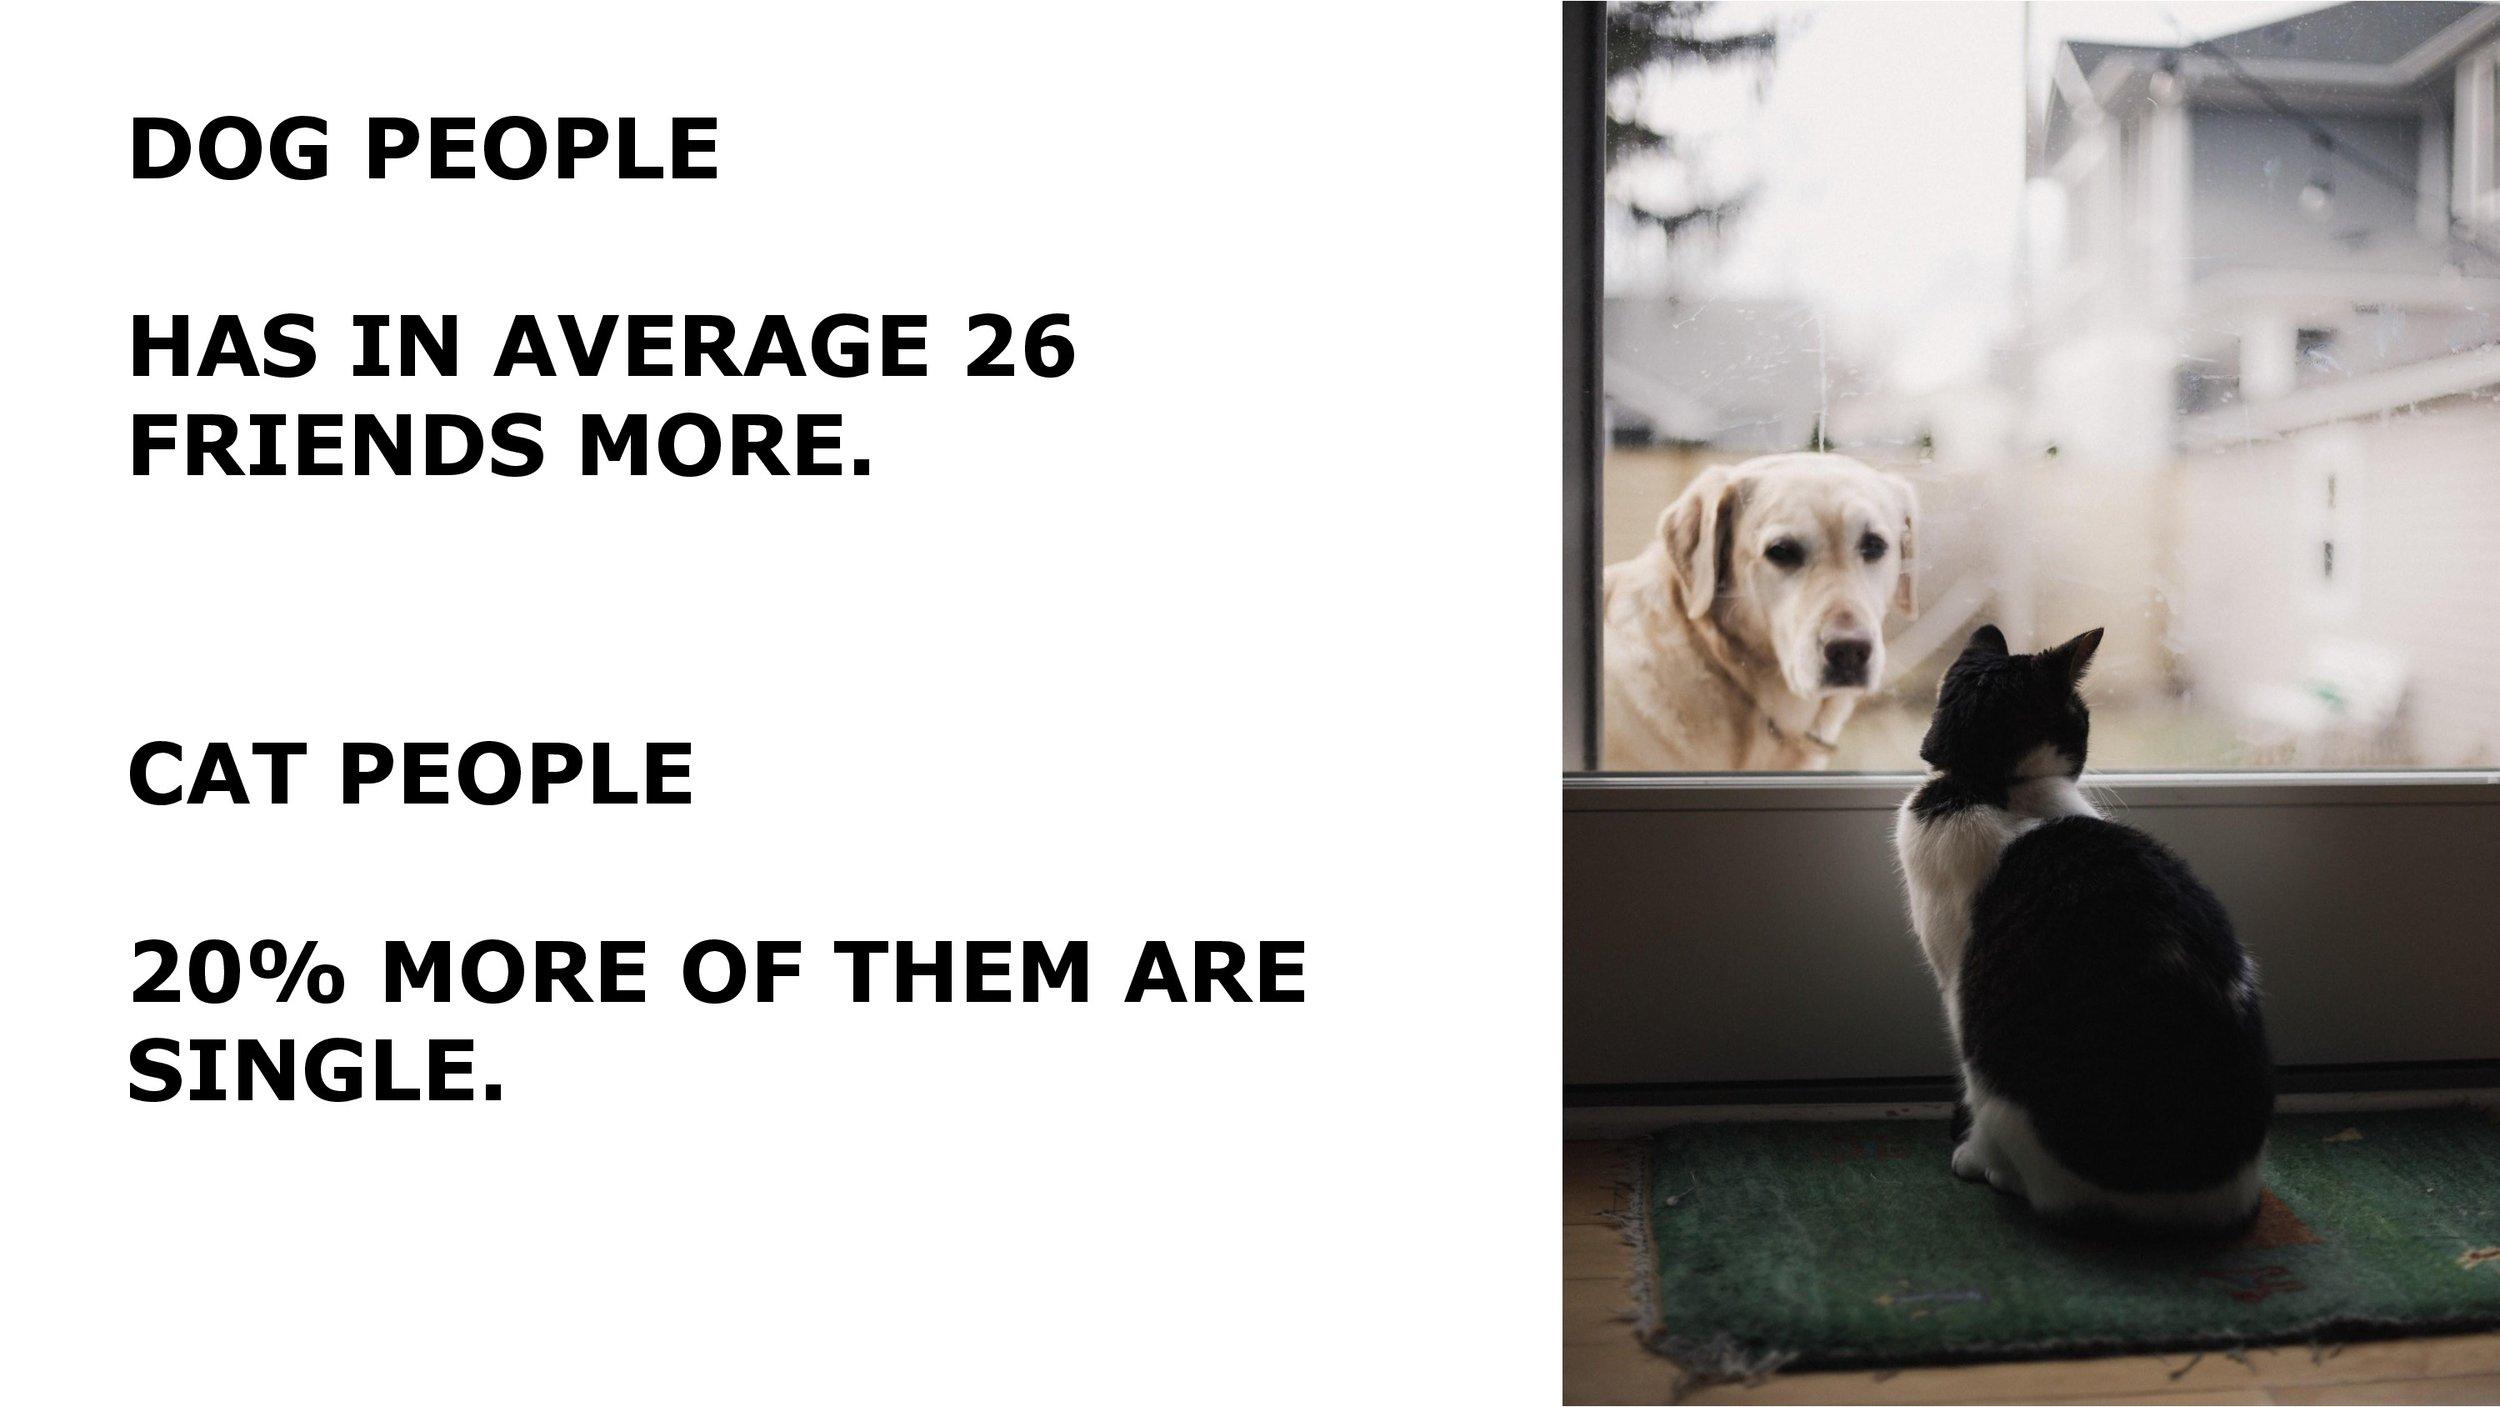 """S Pulsarem jste schopni vaši cílovou skupinu definovat nejenom tím, zda hovoří o produktovém segmentu, ale i velmi netypickými atributy. Například tím, zda se na jejich fotkách objevují častěji psi nebo kočky, zda častěji interagují s obsahem, ve kterém jsou psi nebo kočky a zda se označují za """"dog people"""" či """"cat people"""". Takže kdo vyhrává?  Lidé psí mívají v průměru o 26 přátel více, než lidé kočičí. Je více než dvojnásobná pravděpodobnost, že lidé kočičí budou kamarádit zase jenom s kočkomily. No a to o té """"bláznivé ženské, co jí zůstaly už jenom její kočky? Něco na tom bude. Mezi """"cat people"""" je o 20 % více singles."""